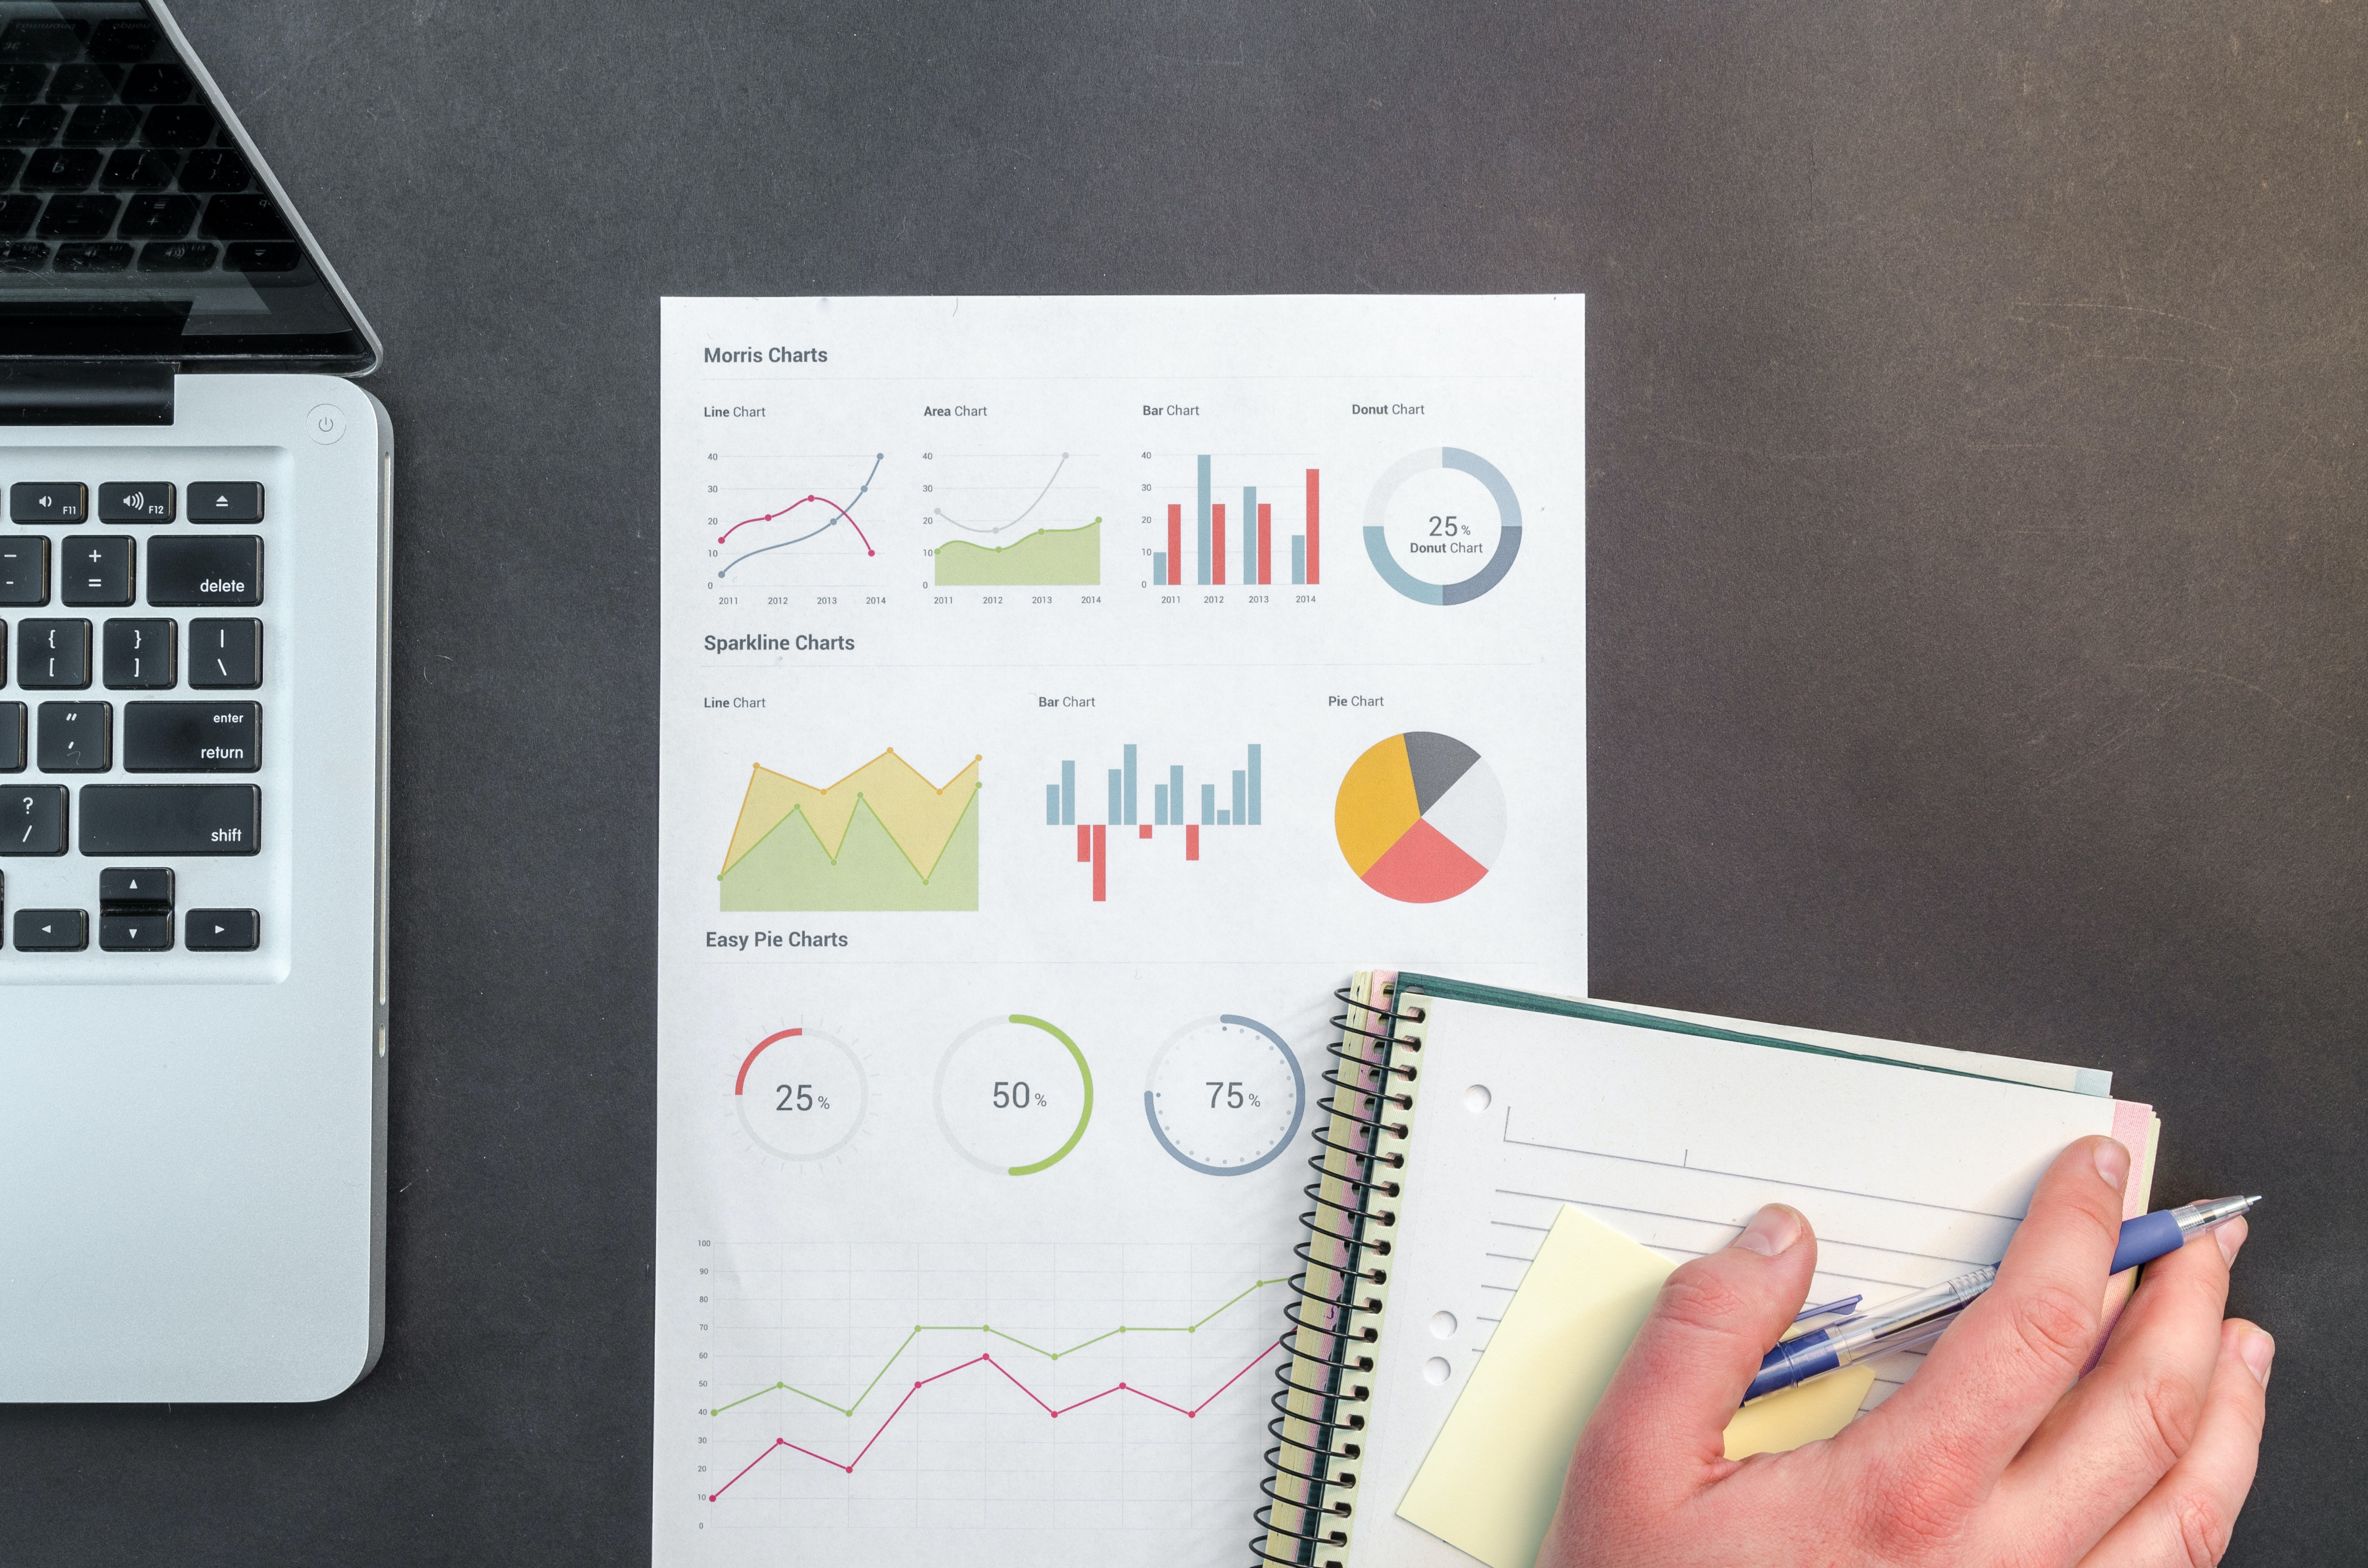 Como o People Analytics Está Revolucionando a Gestão de Pessoas